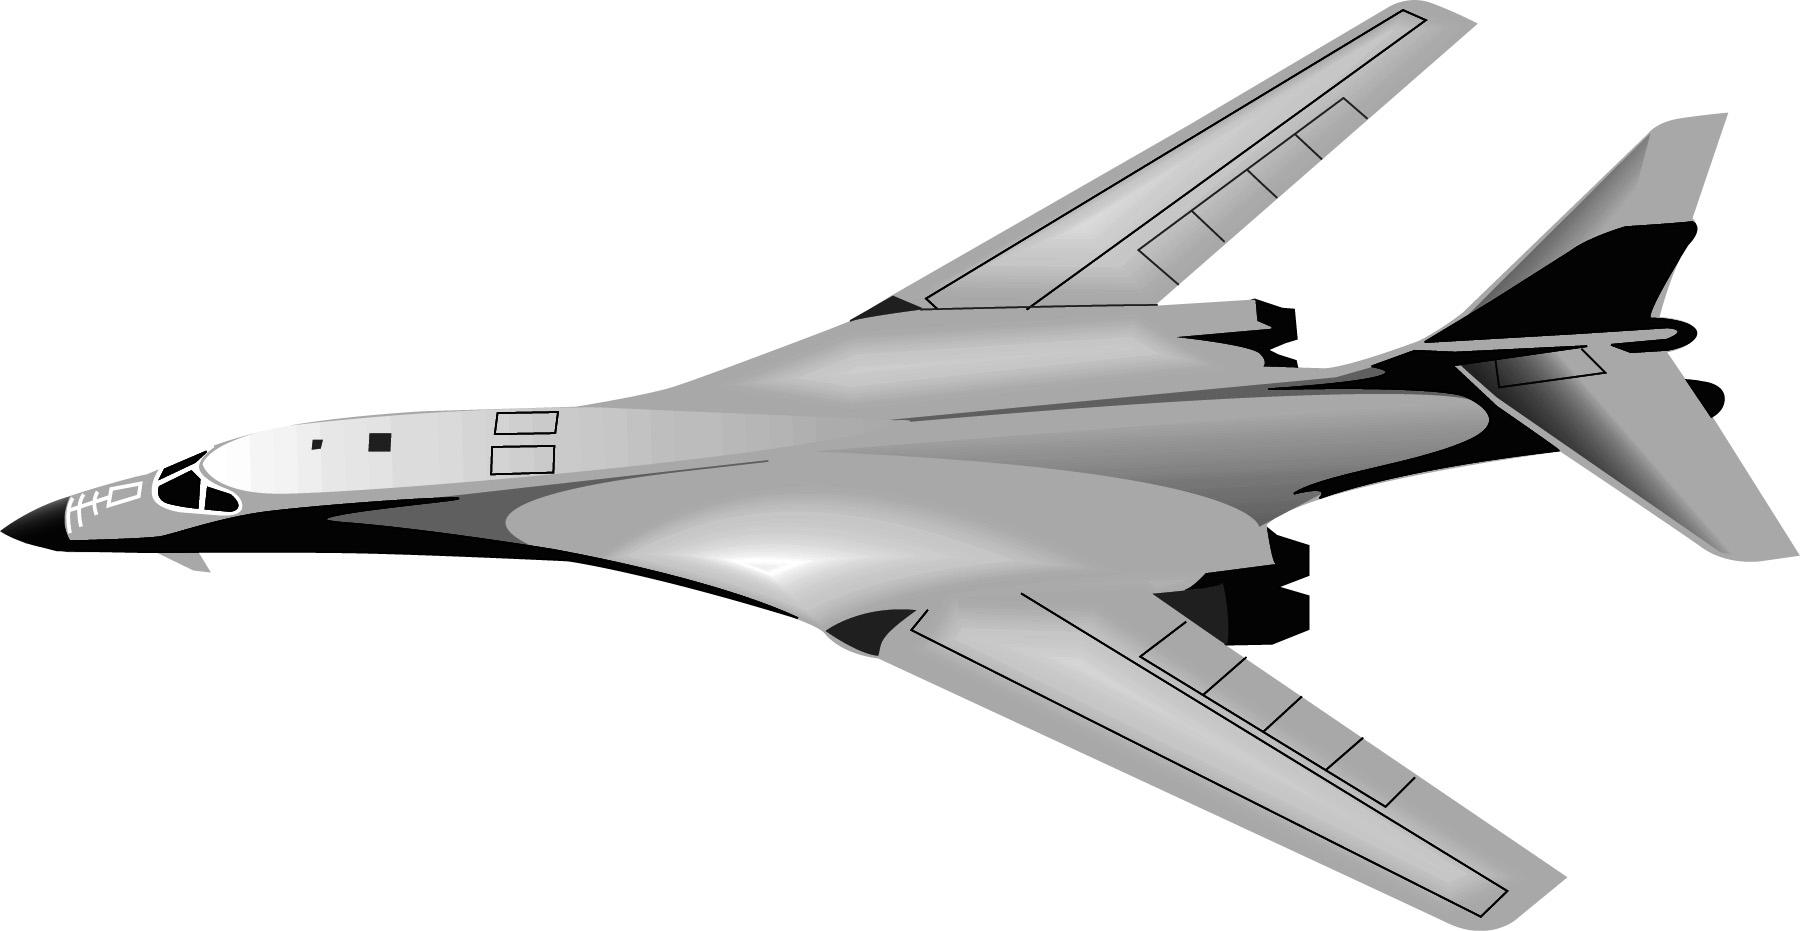 B 1 bomber clip art.